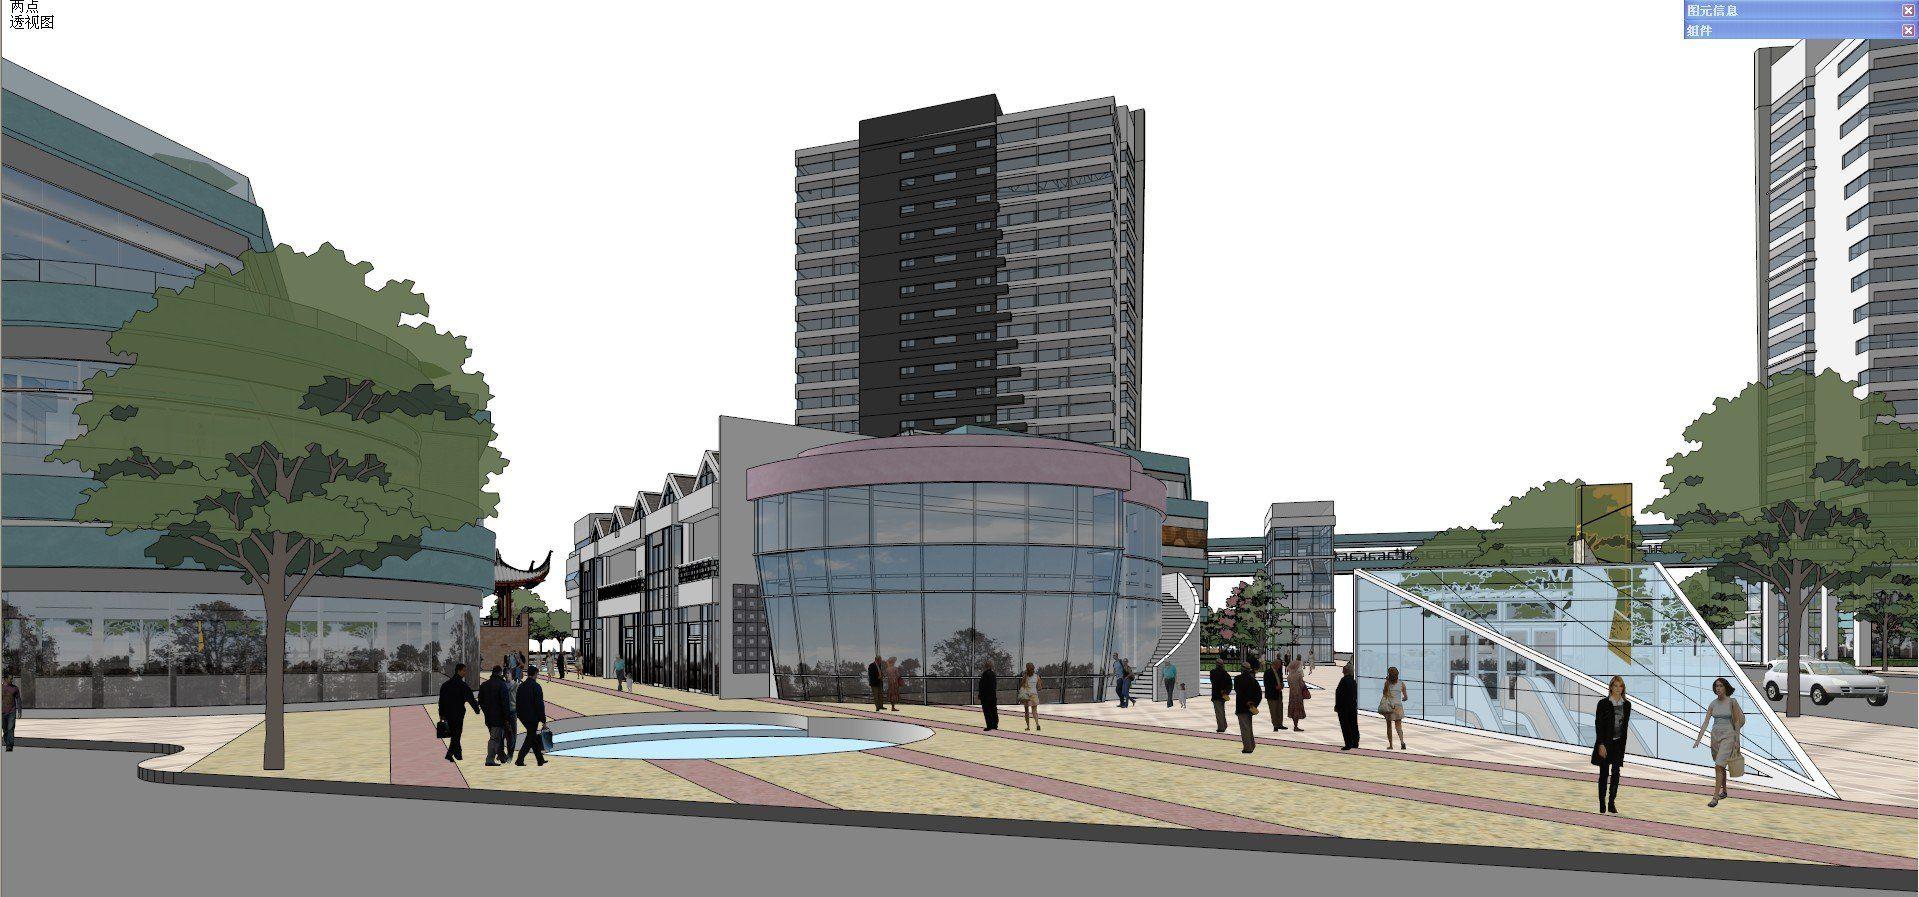 ☆Sketchup 3D Models-Business Building Sketchup Models